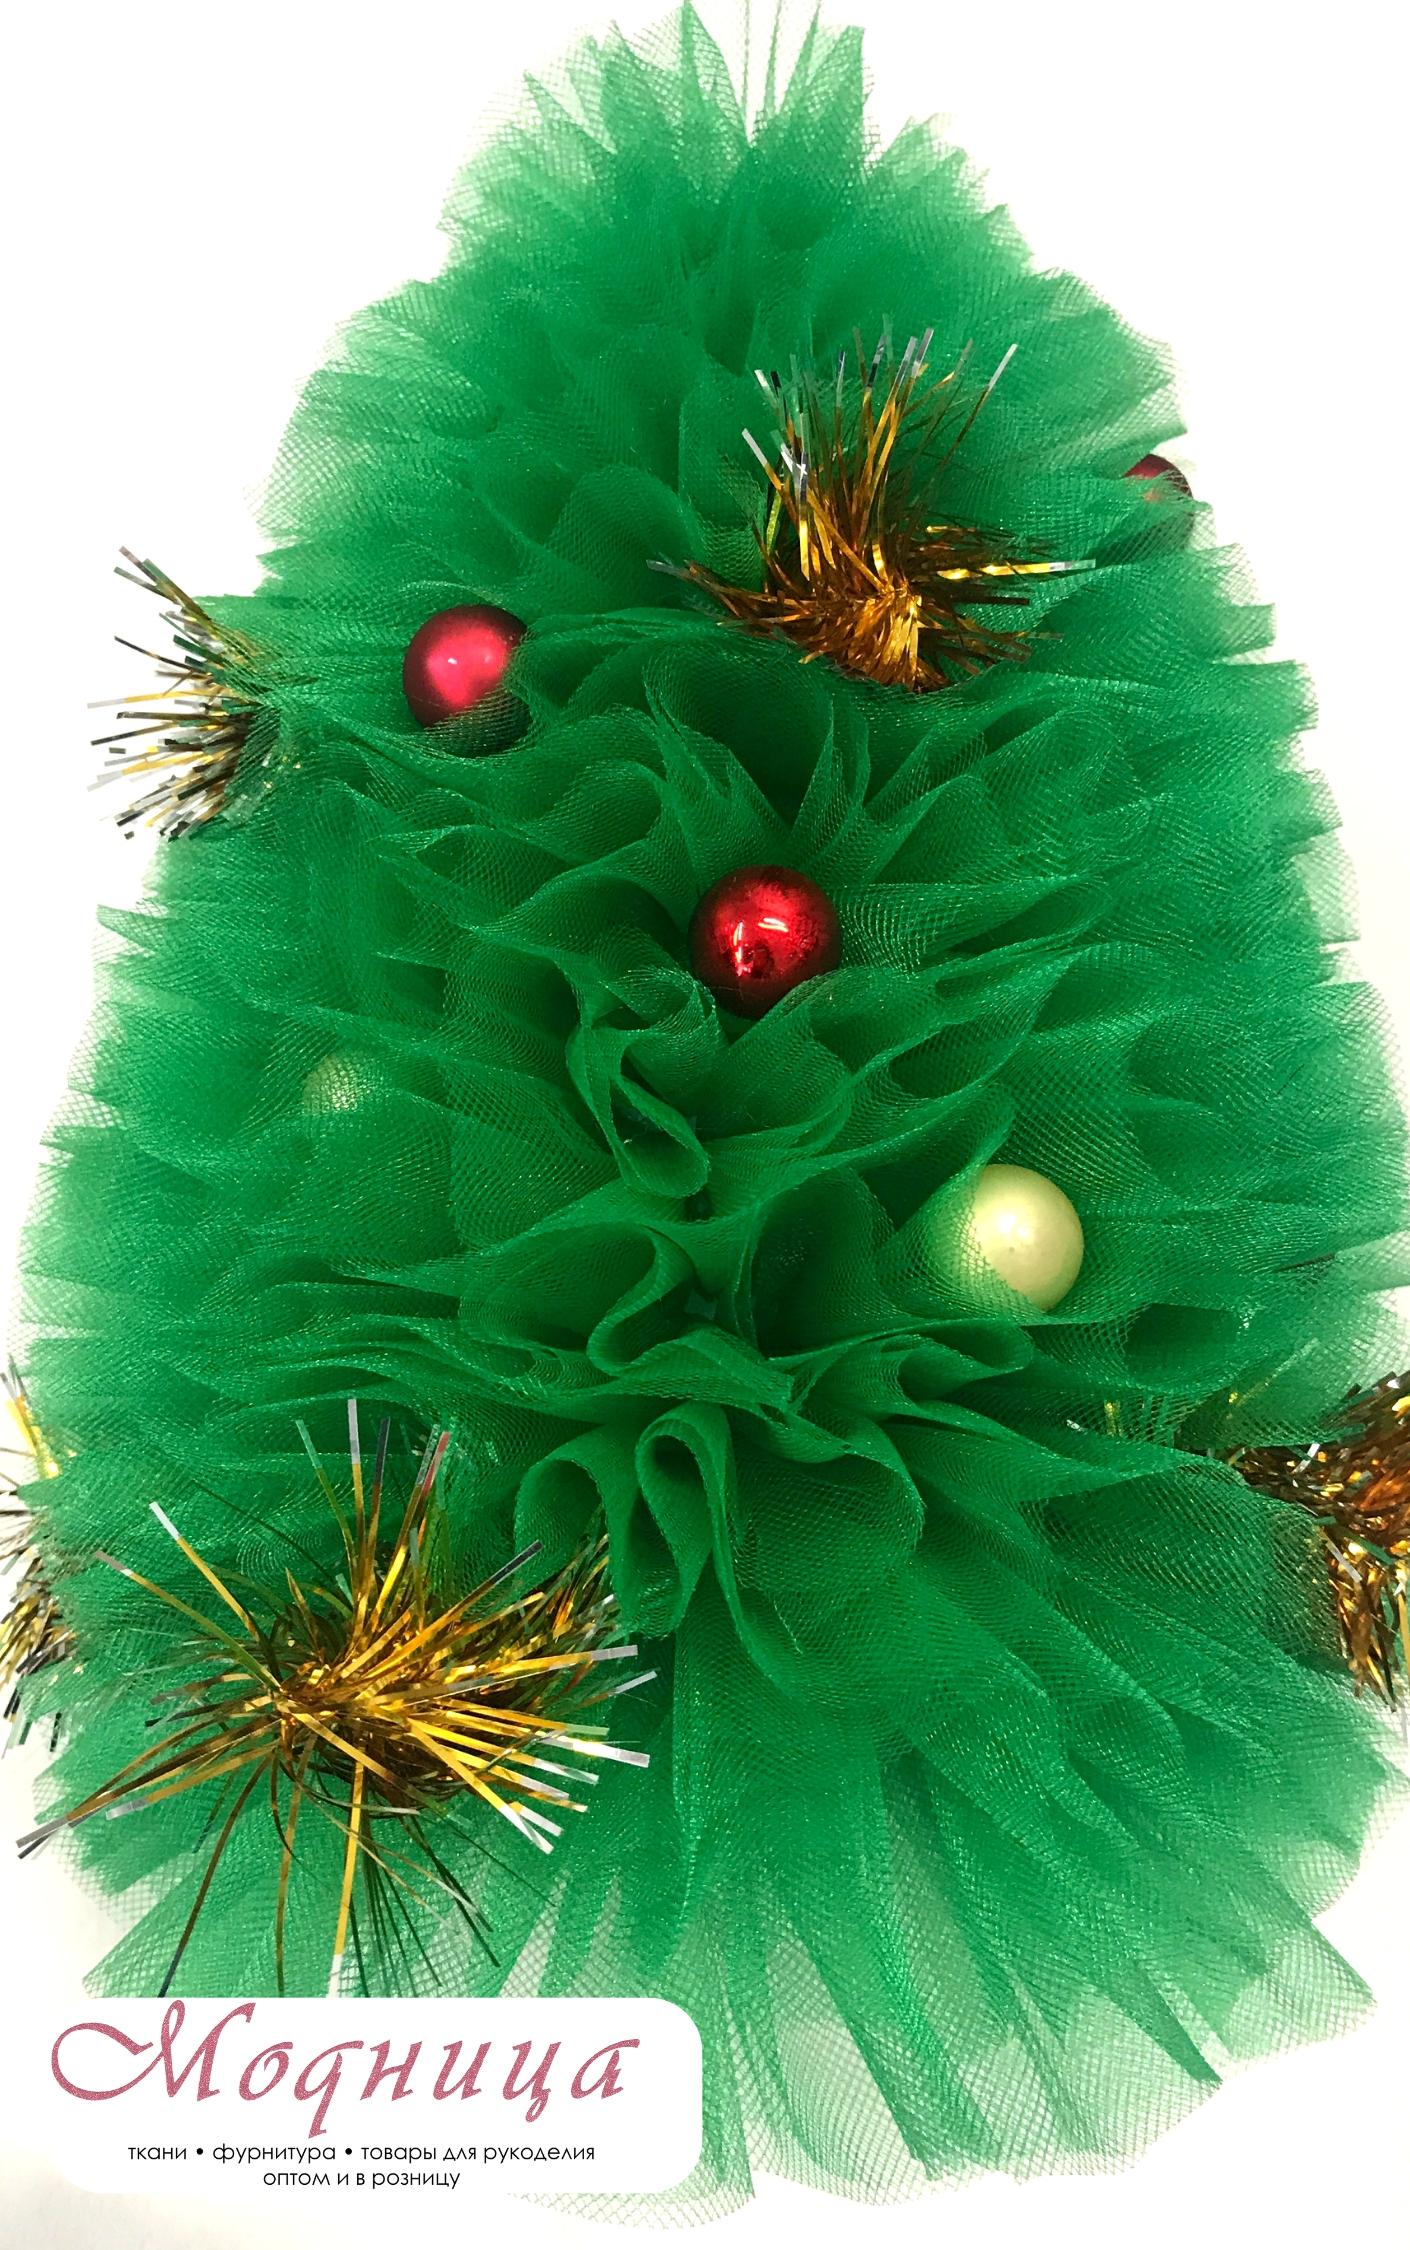 Вашими руками из наших тканей клиенты декор новый год модница екатеринбург